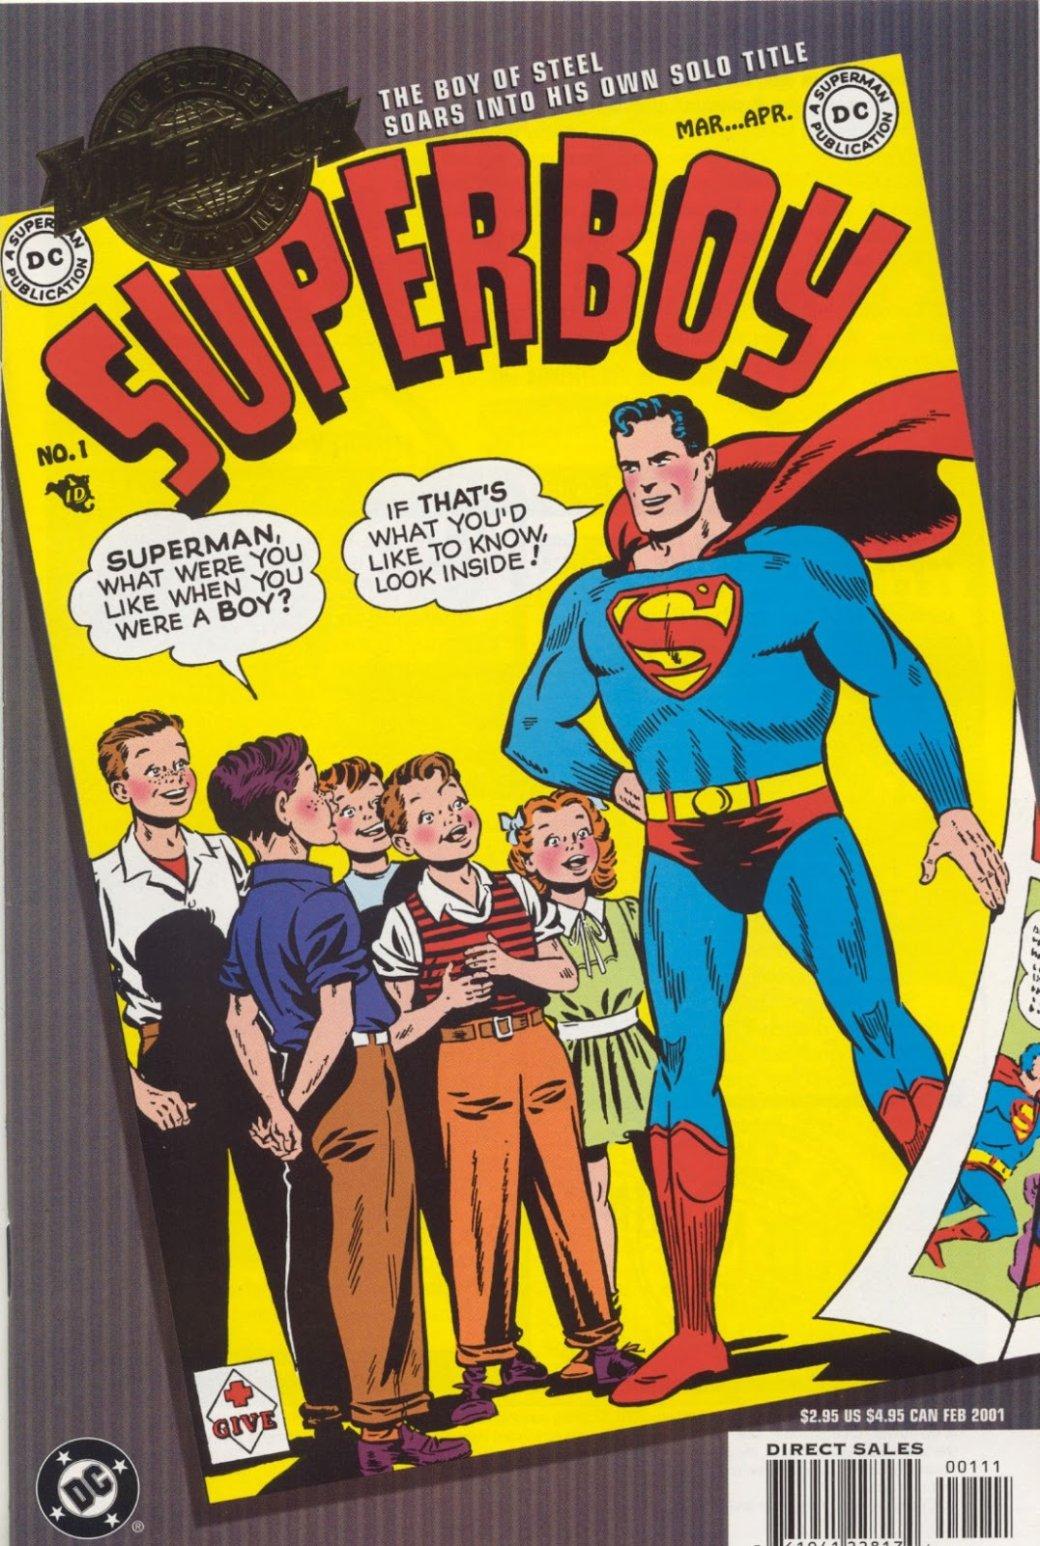 История Супермена иэволюция его образа вкомиксах | Канобу - Изображение 7